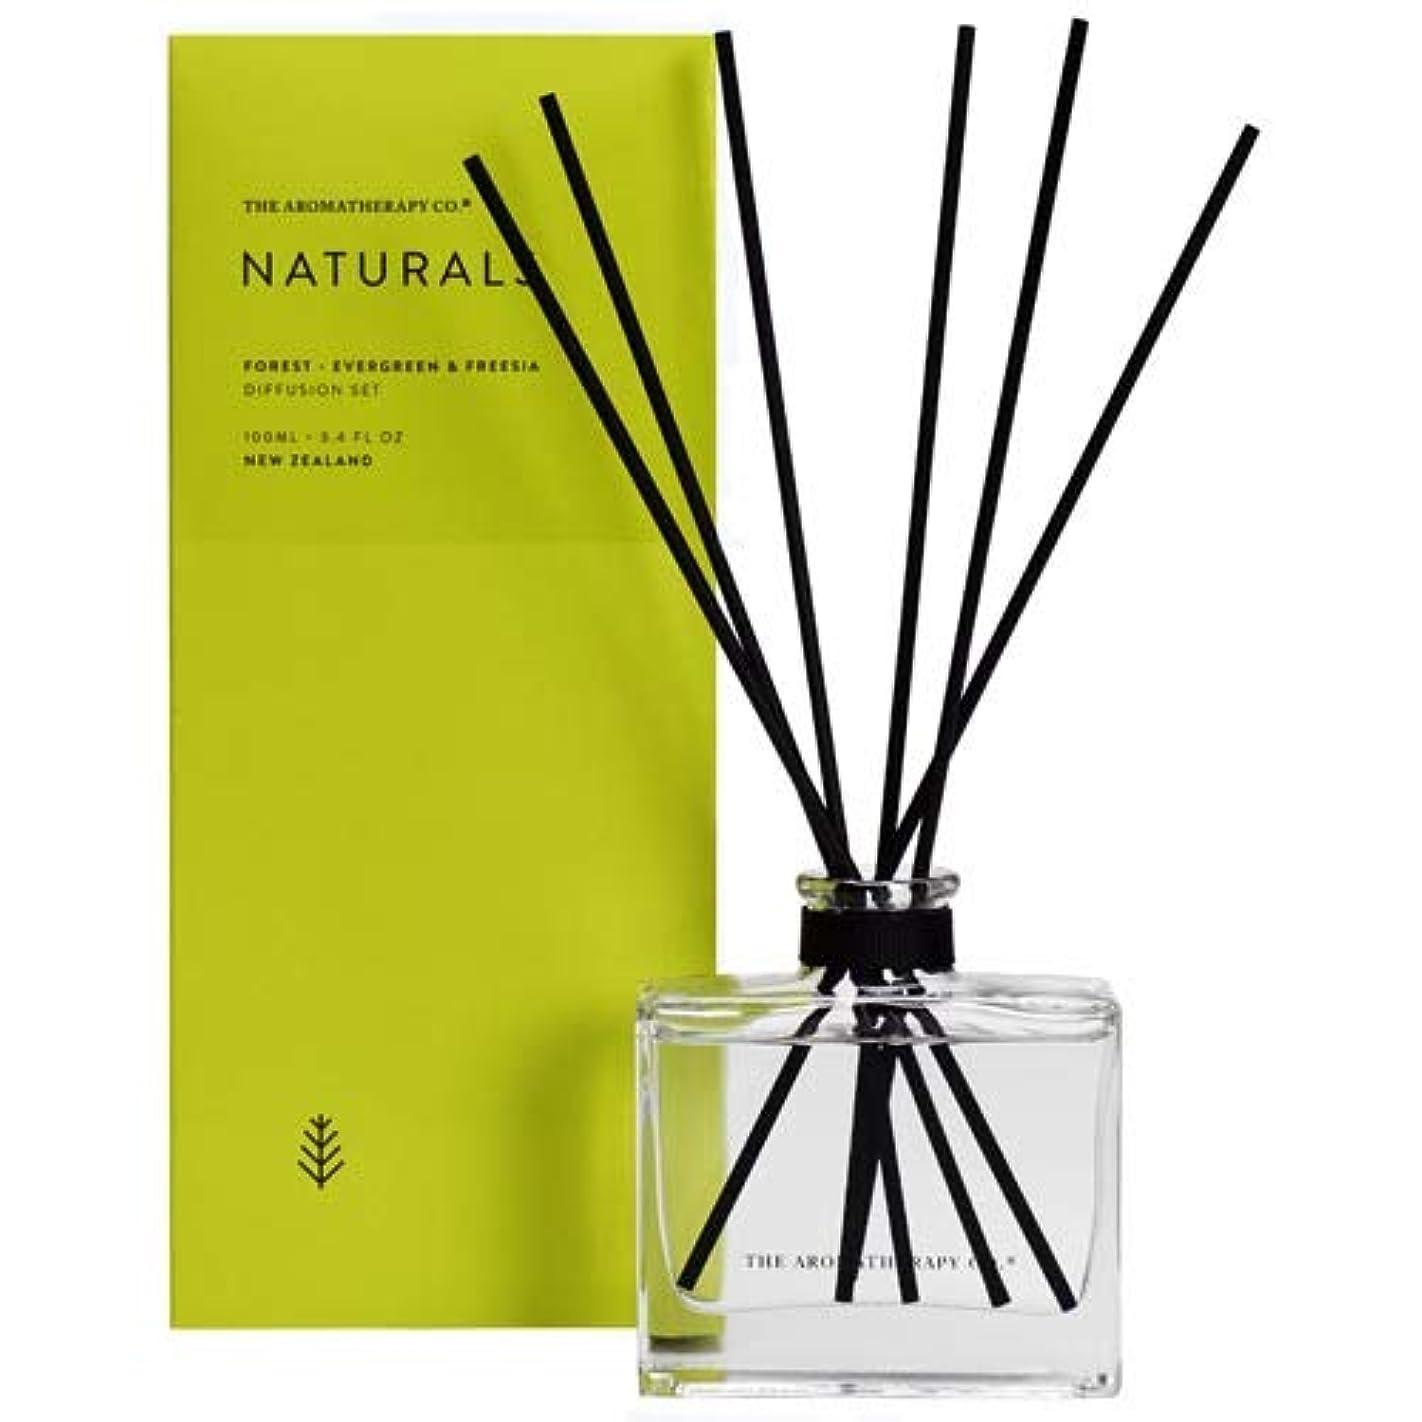 処分した酸素ゲームアロマセラピーカンパニー(Aromatherapy Company) new NATURALS ナチュラルズ Diffusion Stick ディフュージョンスティック Forest フォレスト(森林) Evergreen...